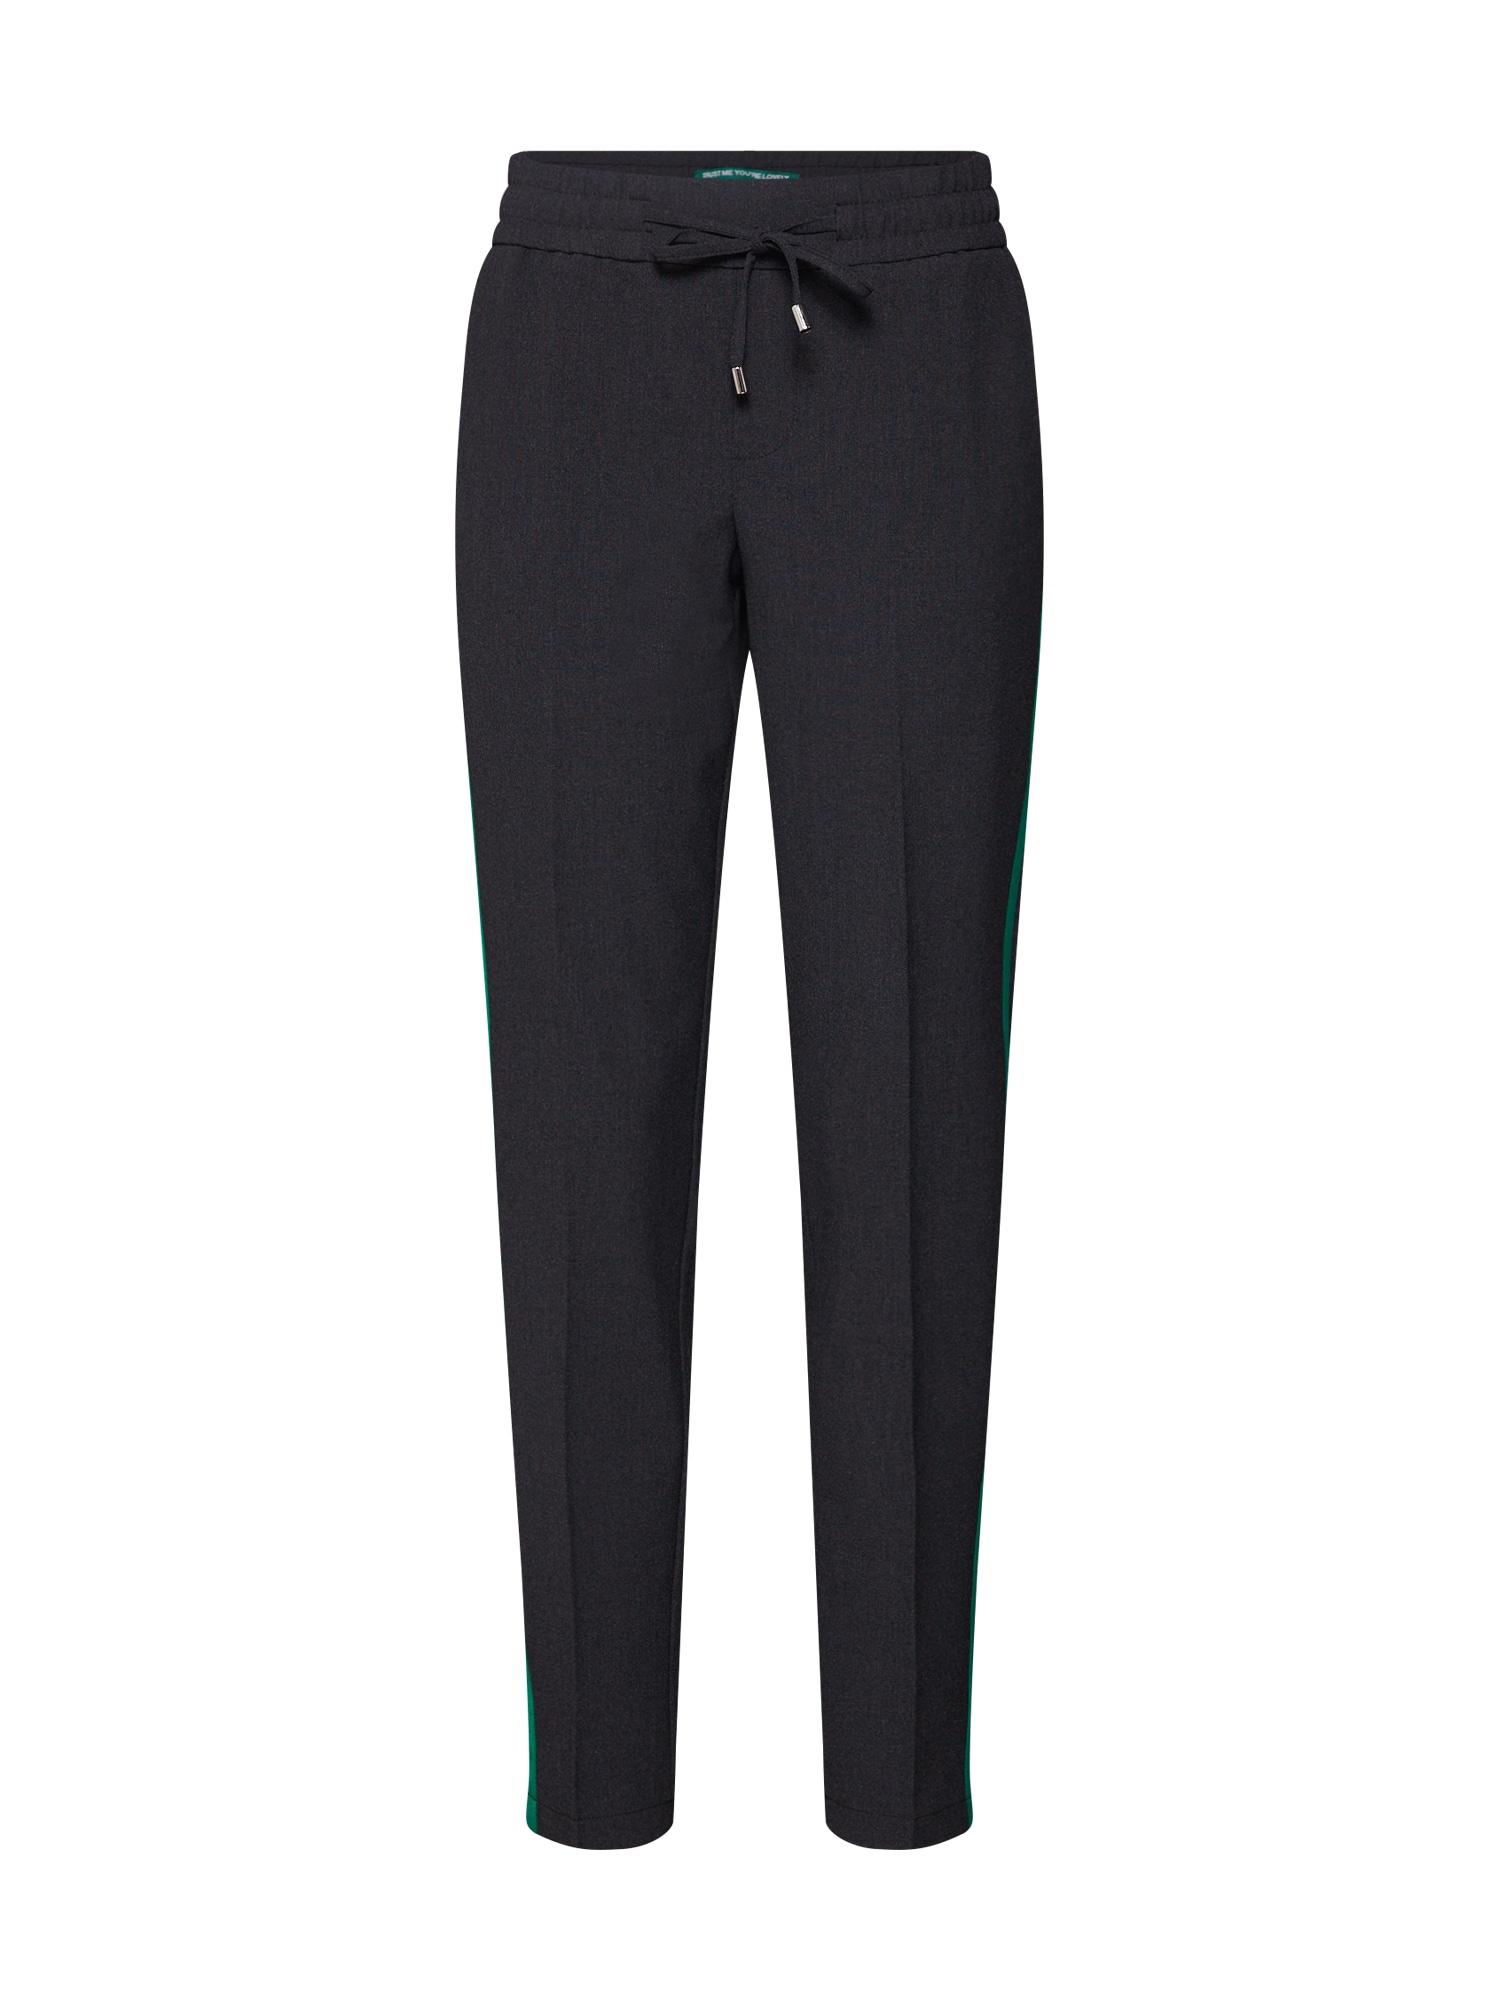 Kalhoty Fay Gallone antracitová šedý melír STREET ONE